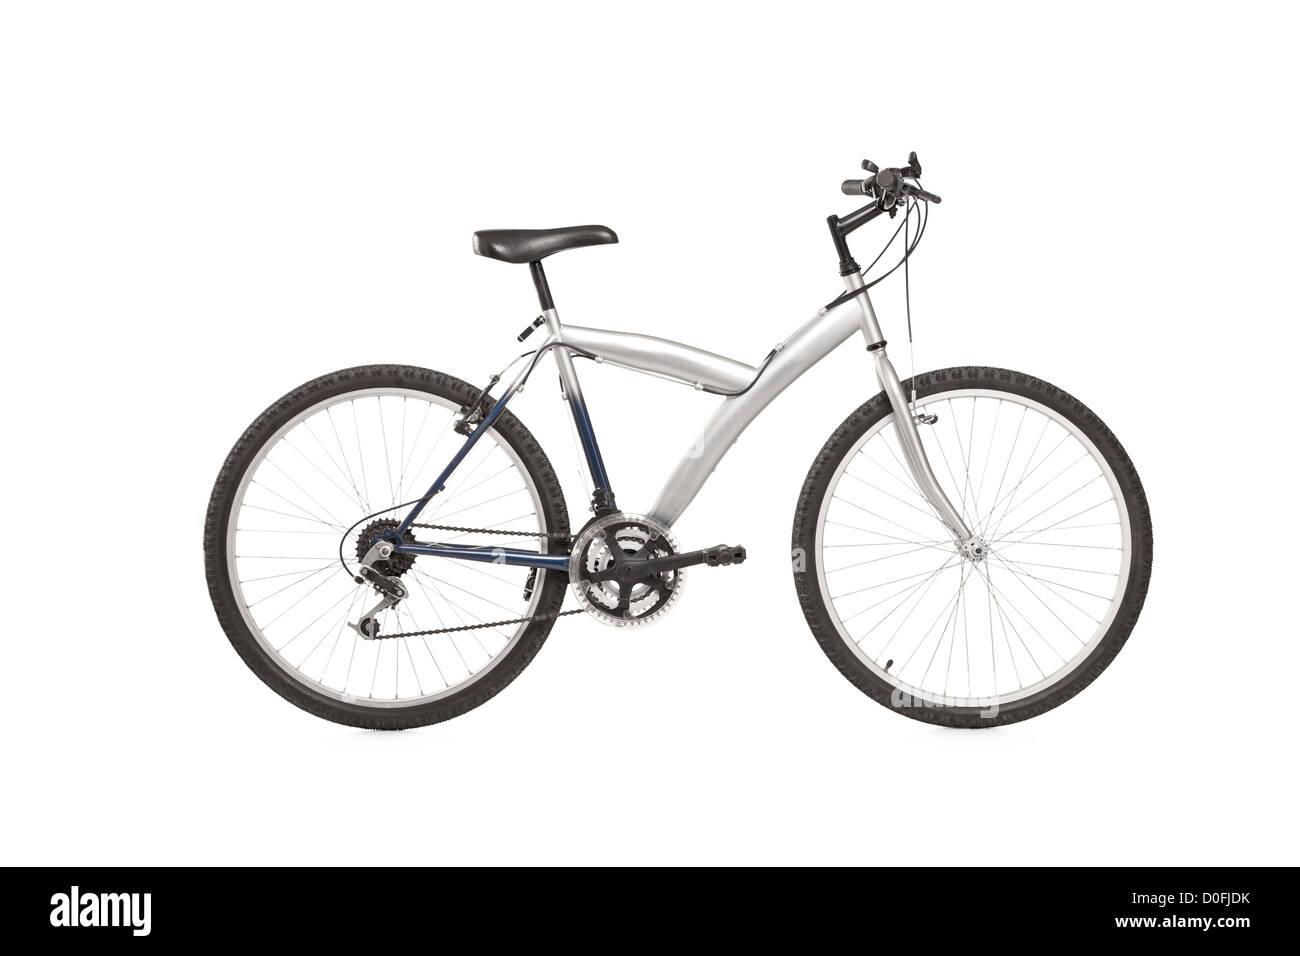 Una foto de estudio de una bicicleta de montaña aisladas contra el fondo blanco. Imagen De Stock